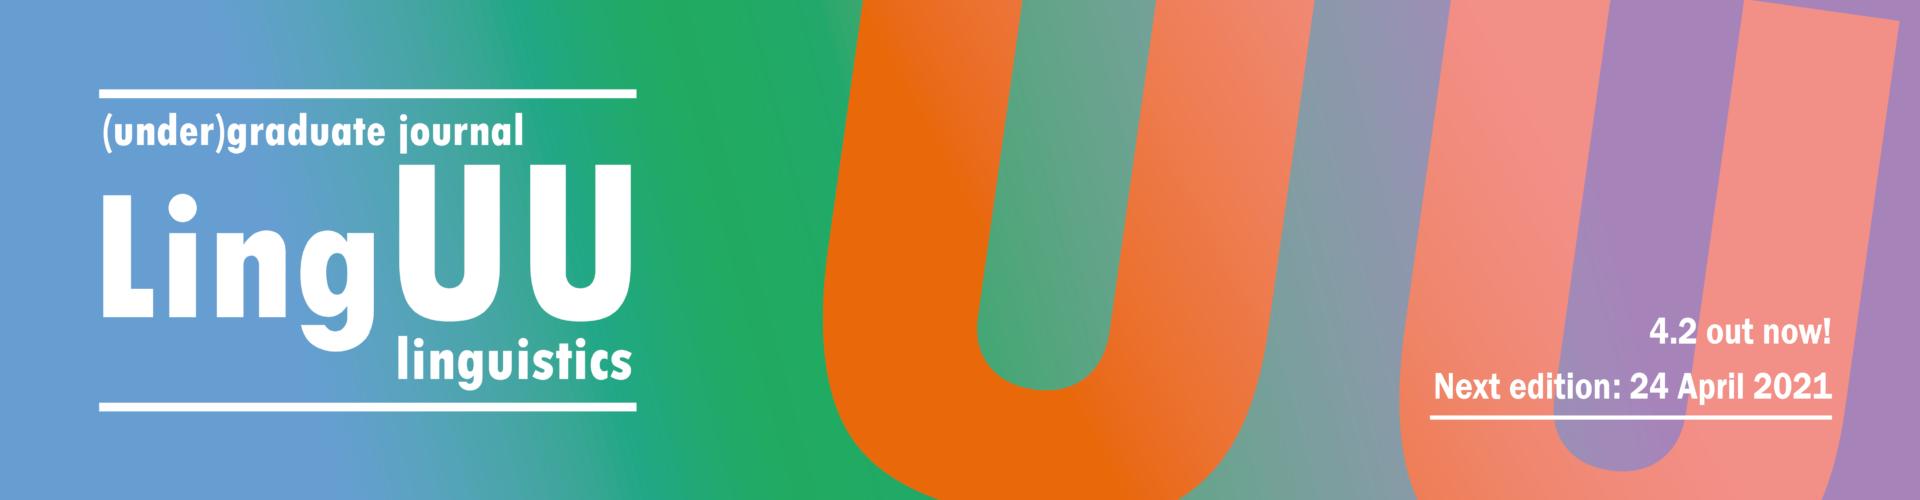 LingUU